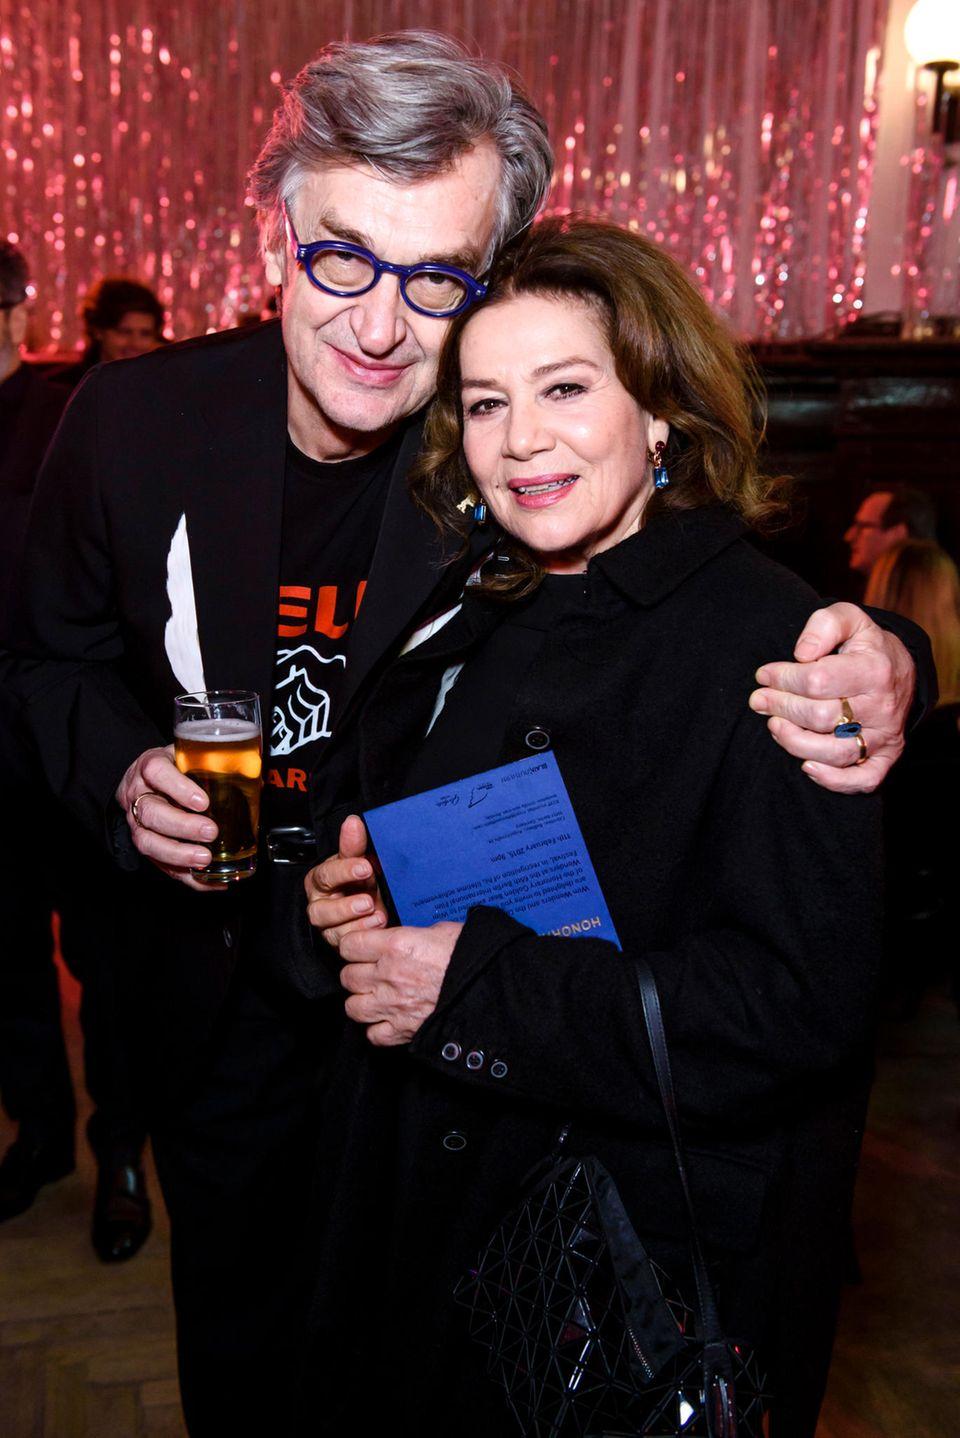 Hannelore Elsner hat sich in der deutschen Filmbranche fest etabliert. Auch von Filmfesten ist sie nicht mehr wegzudenken. Im Jahre 2015 besucht sie während der 65. Berlinale die Wim Wenders Party.